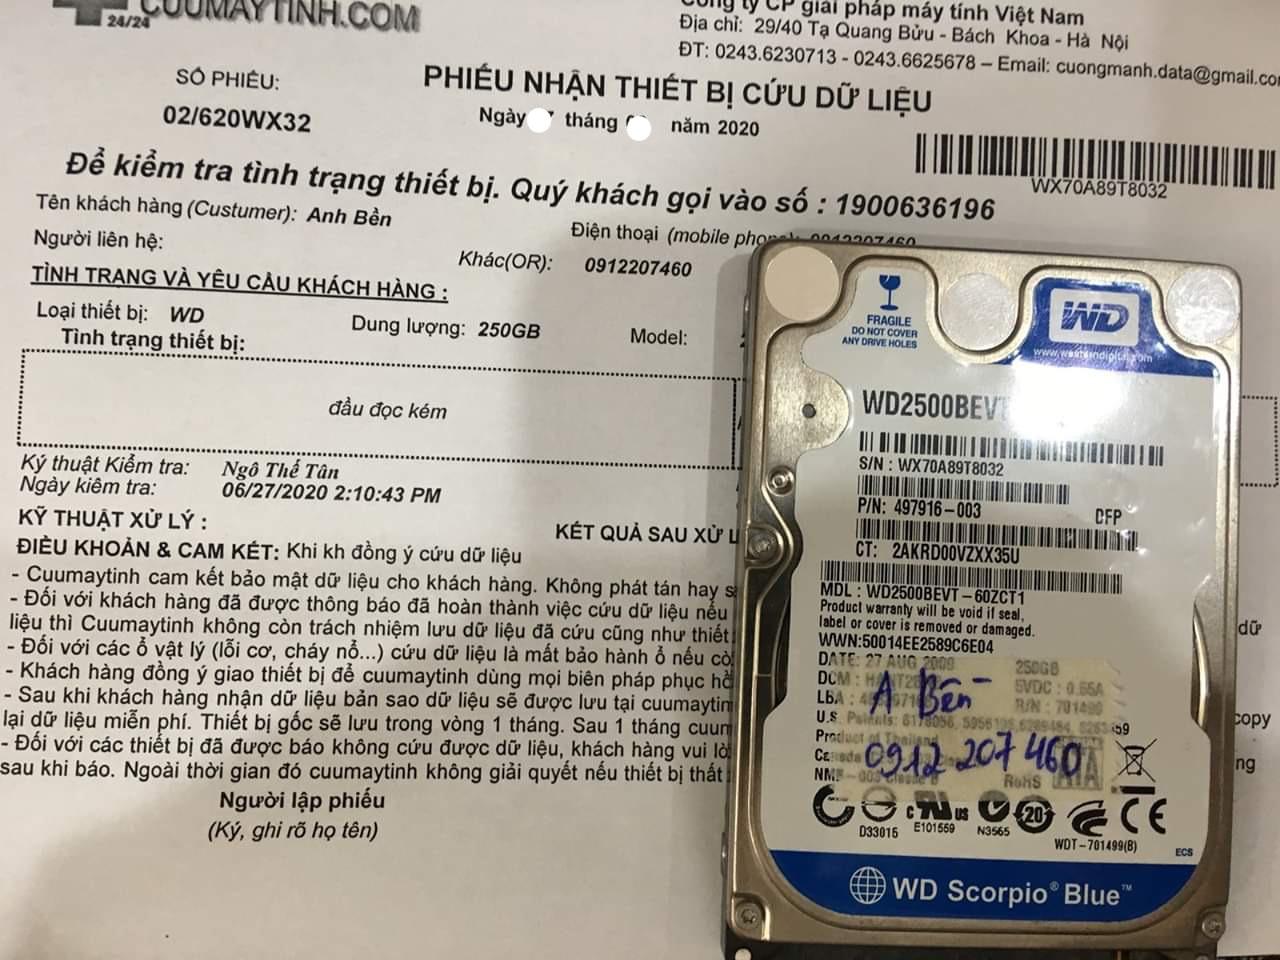 Lấy dữ liệu ổ cứng Western 250GB đầu đọc kém 03/07/2020 - cuumaytinh